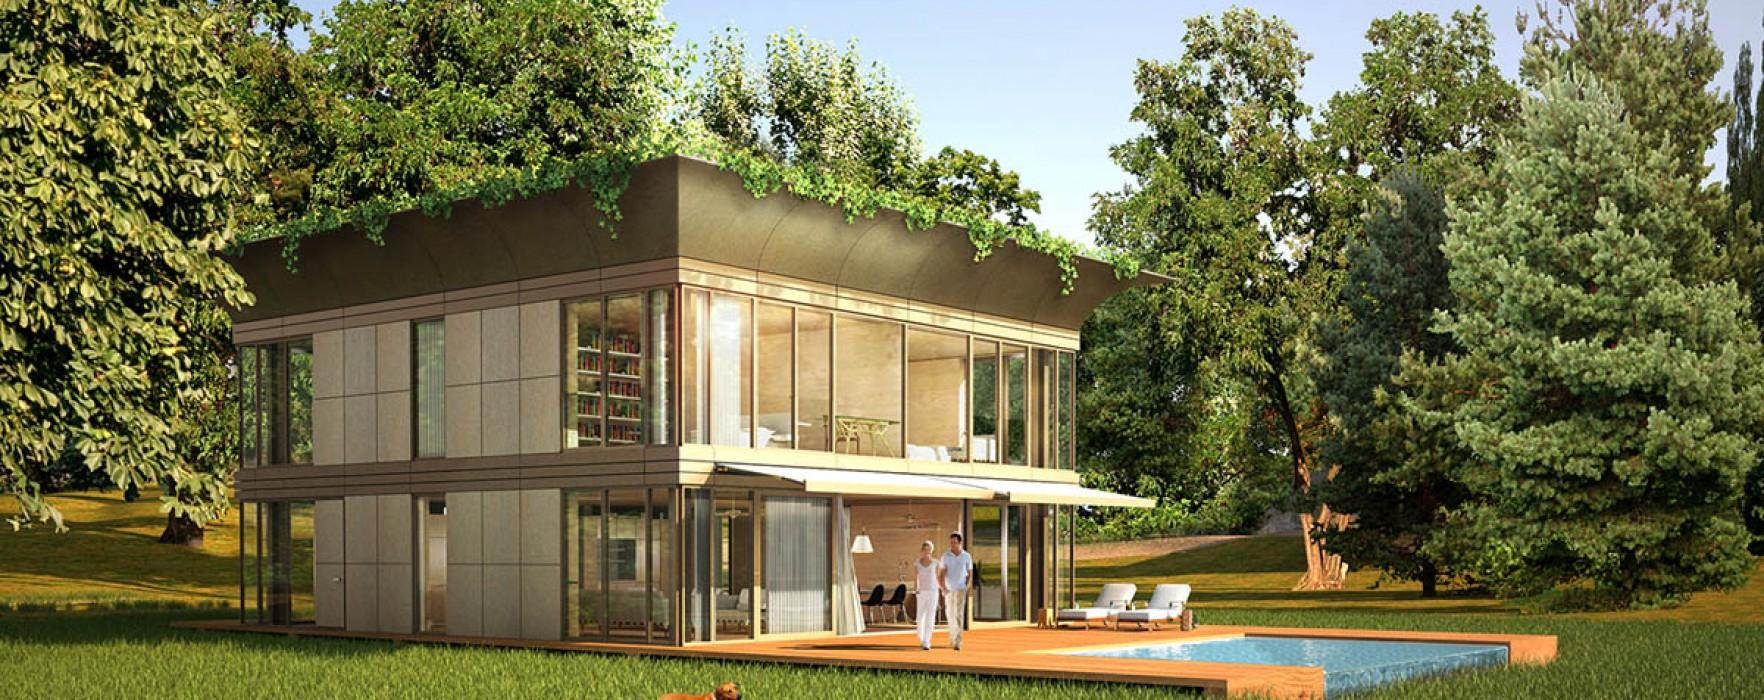 Piano interrato o platea per le case ecologiche  caseprefabbricateinlegnoit